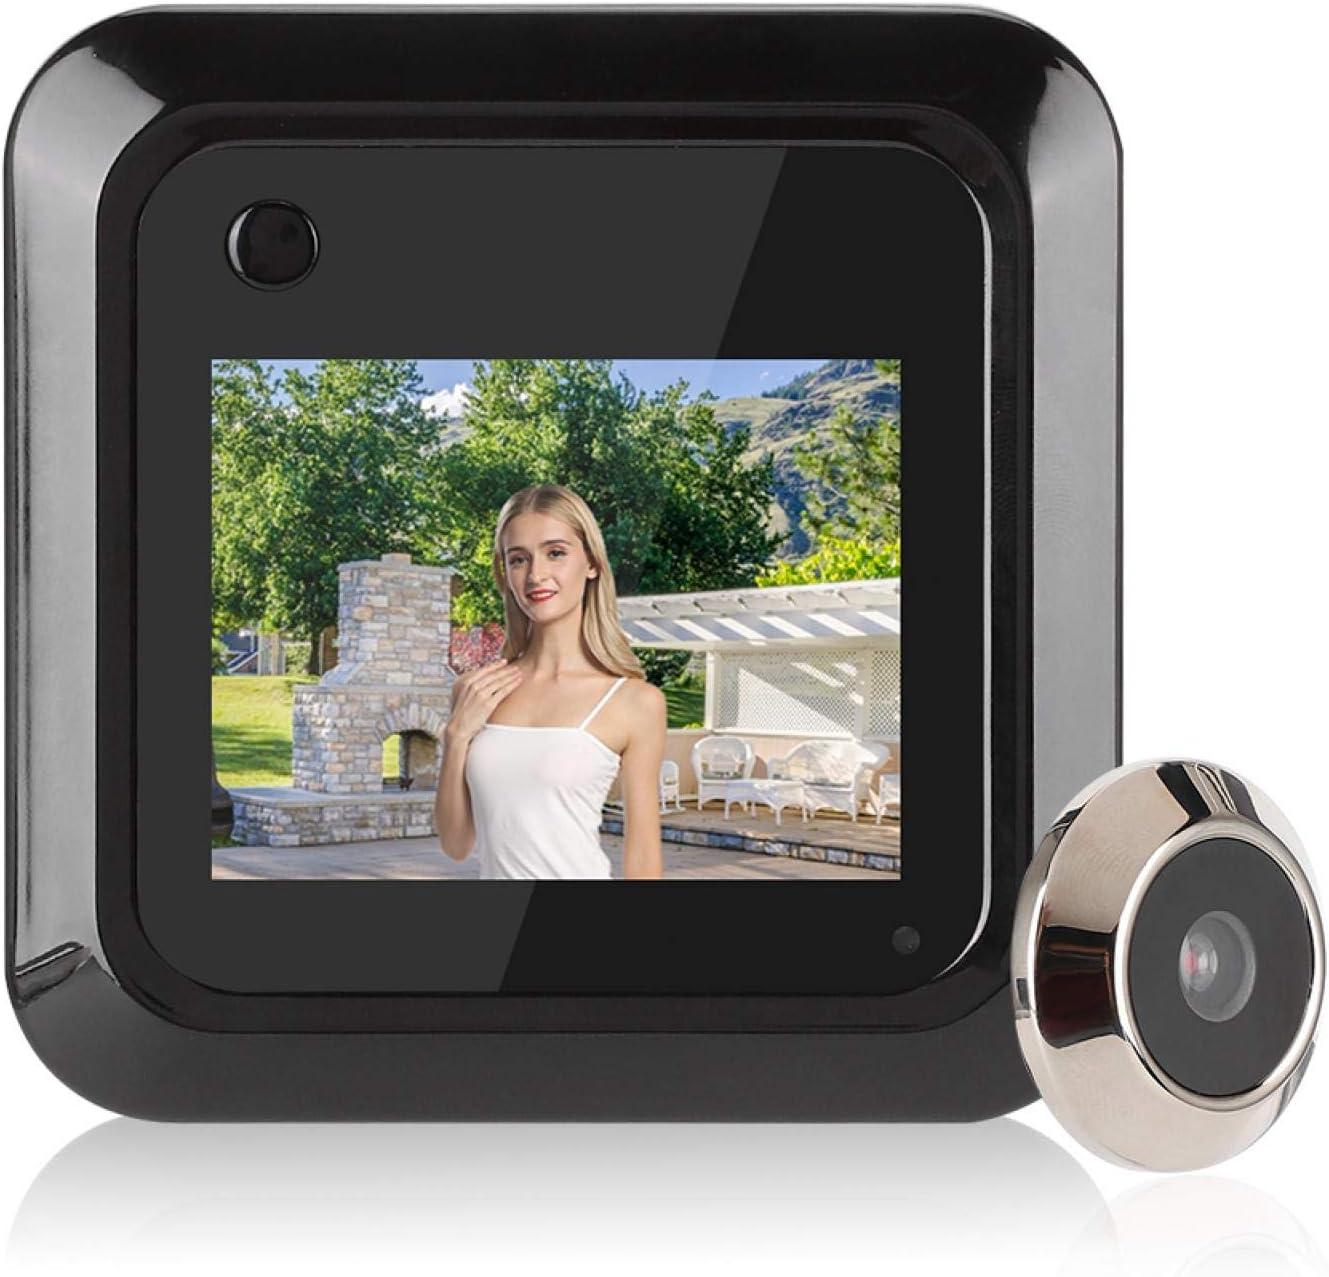 Cámara de Mirilla de Puerta, cámara de Puerta, Puerta de Entrada de apartamento de Puerta Principal LCD HD de 2.4 Pulgadas para el hogar